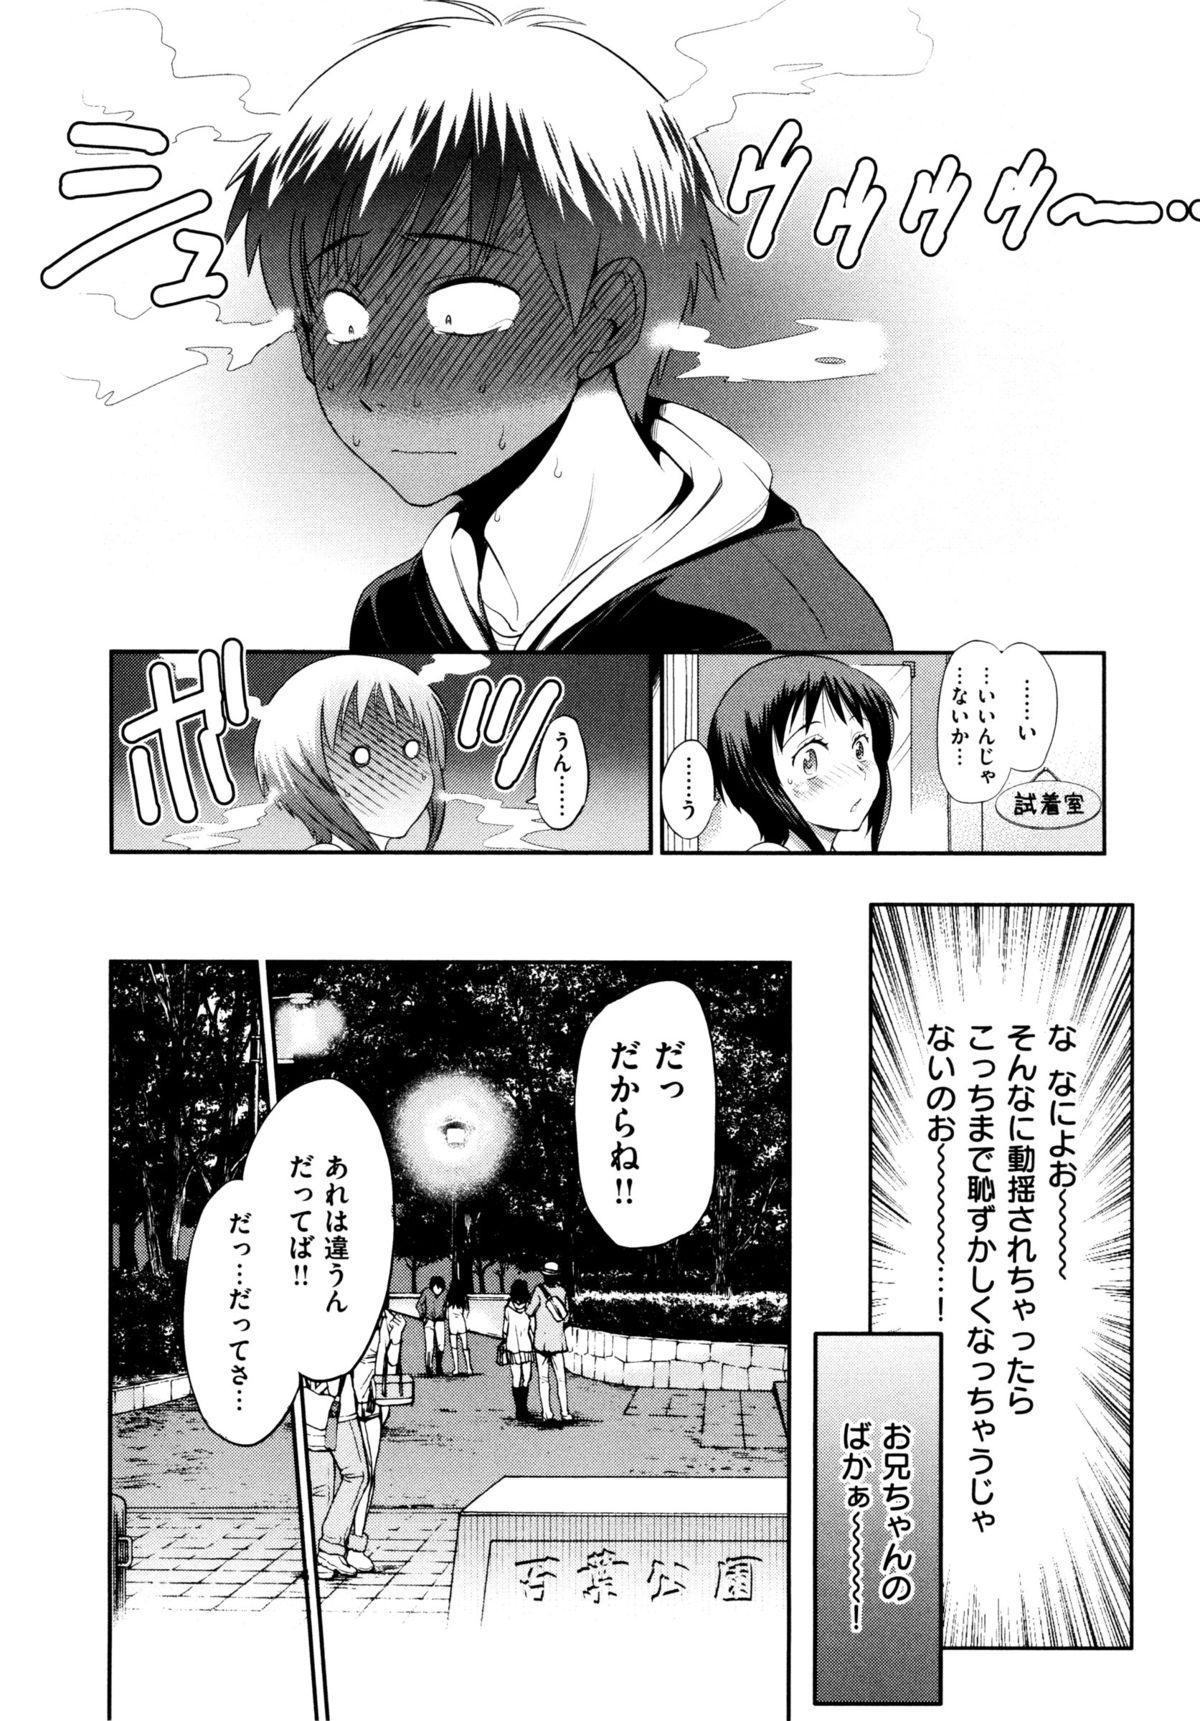 Anekomori 214